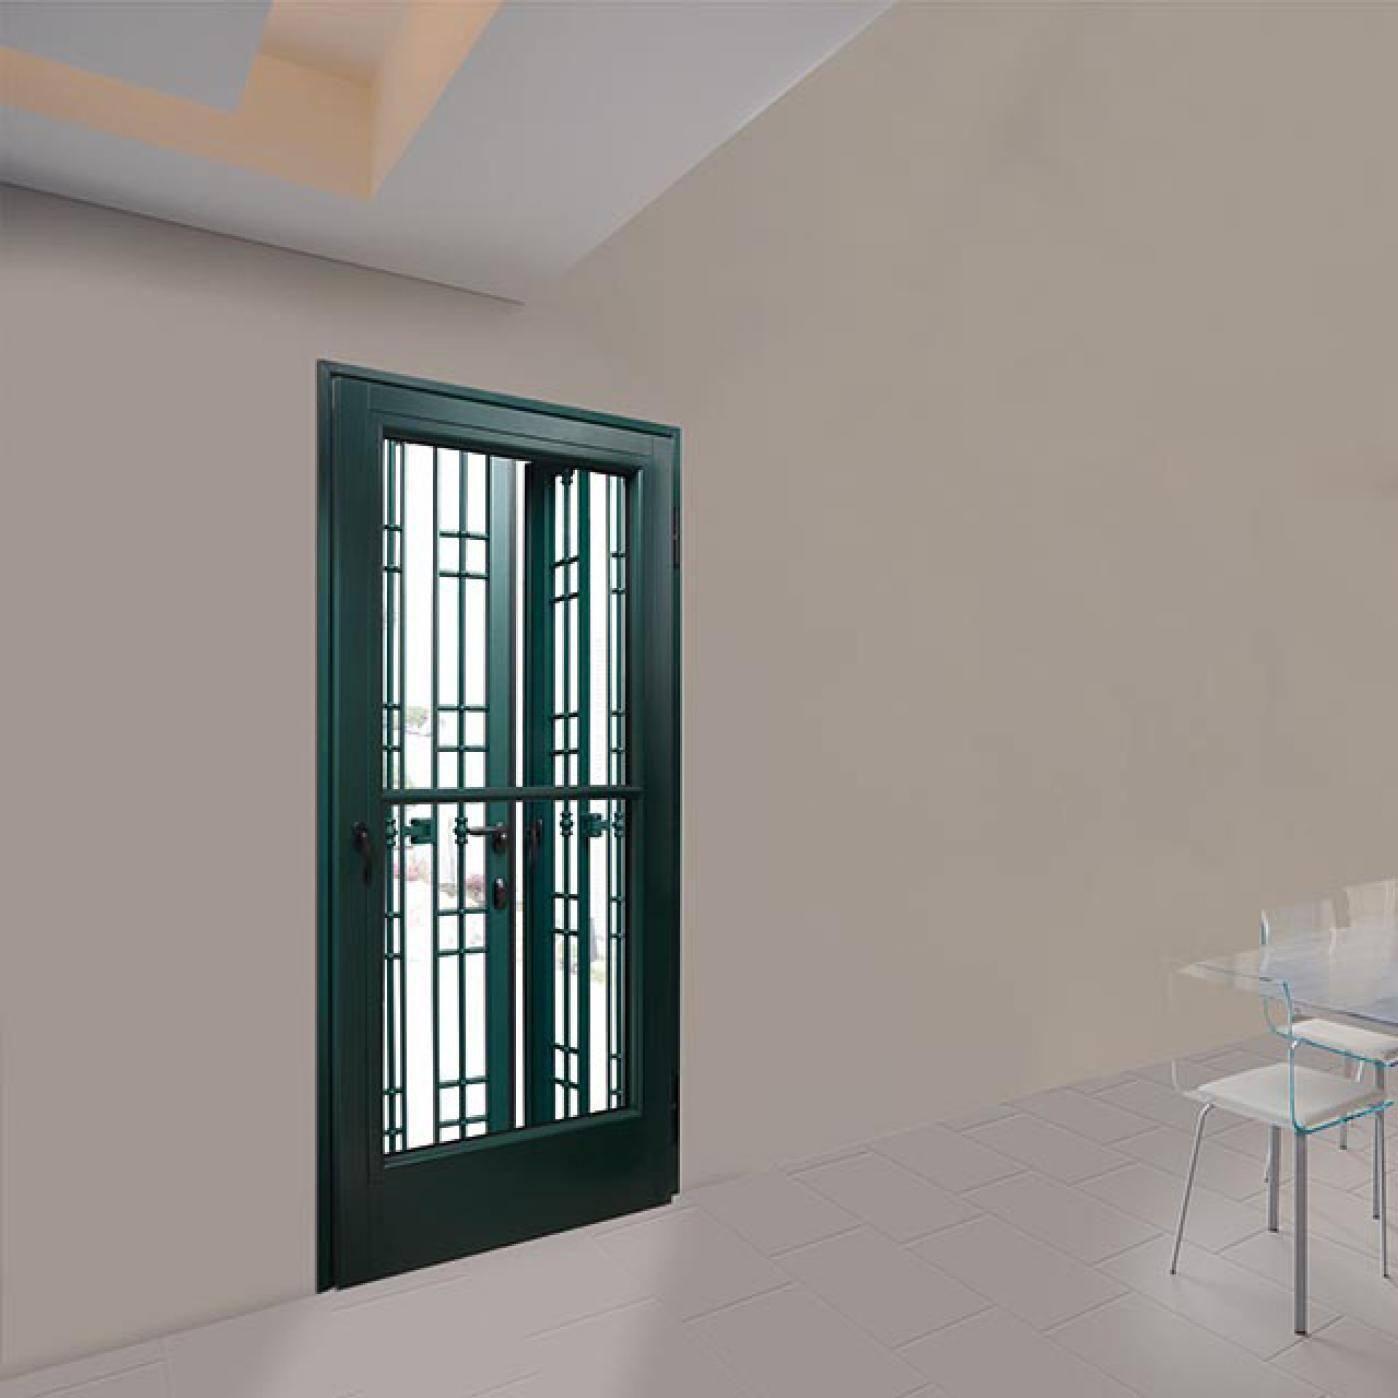 Grille De Défense Amovible Pour Fenêtre Pour Porte Greta Dierre